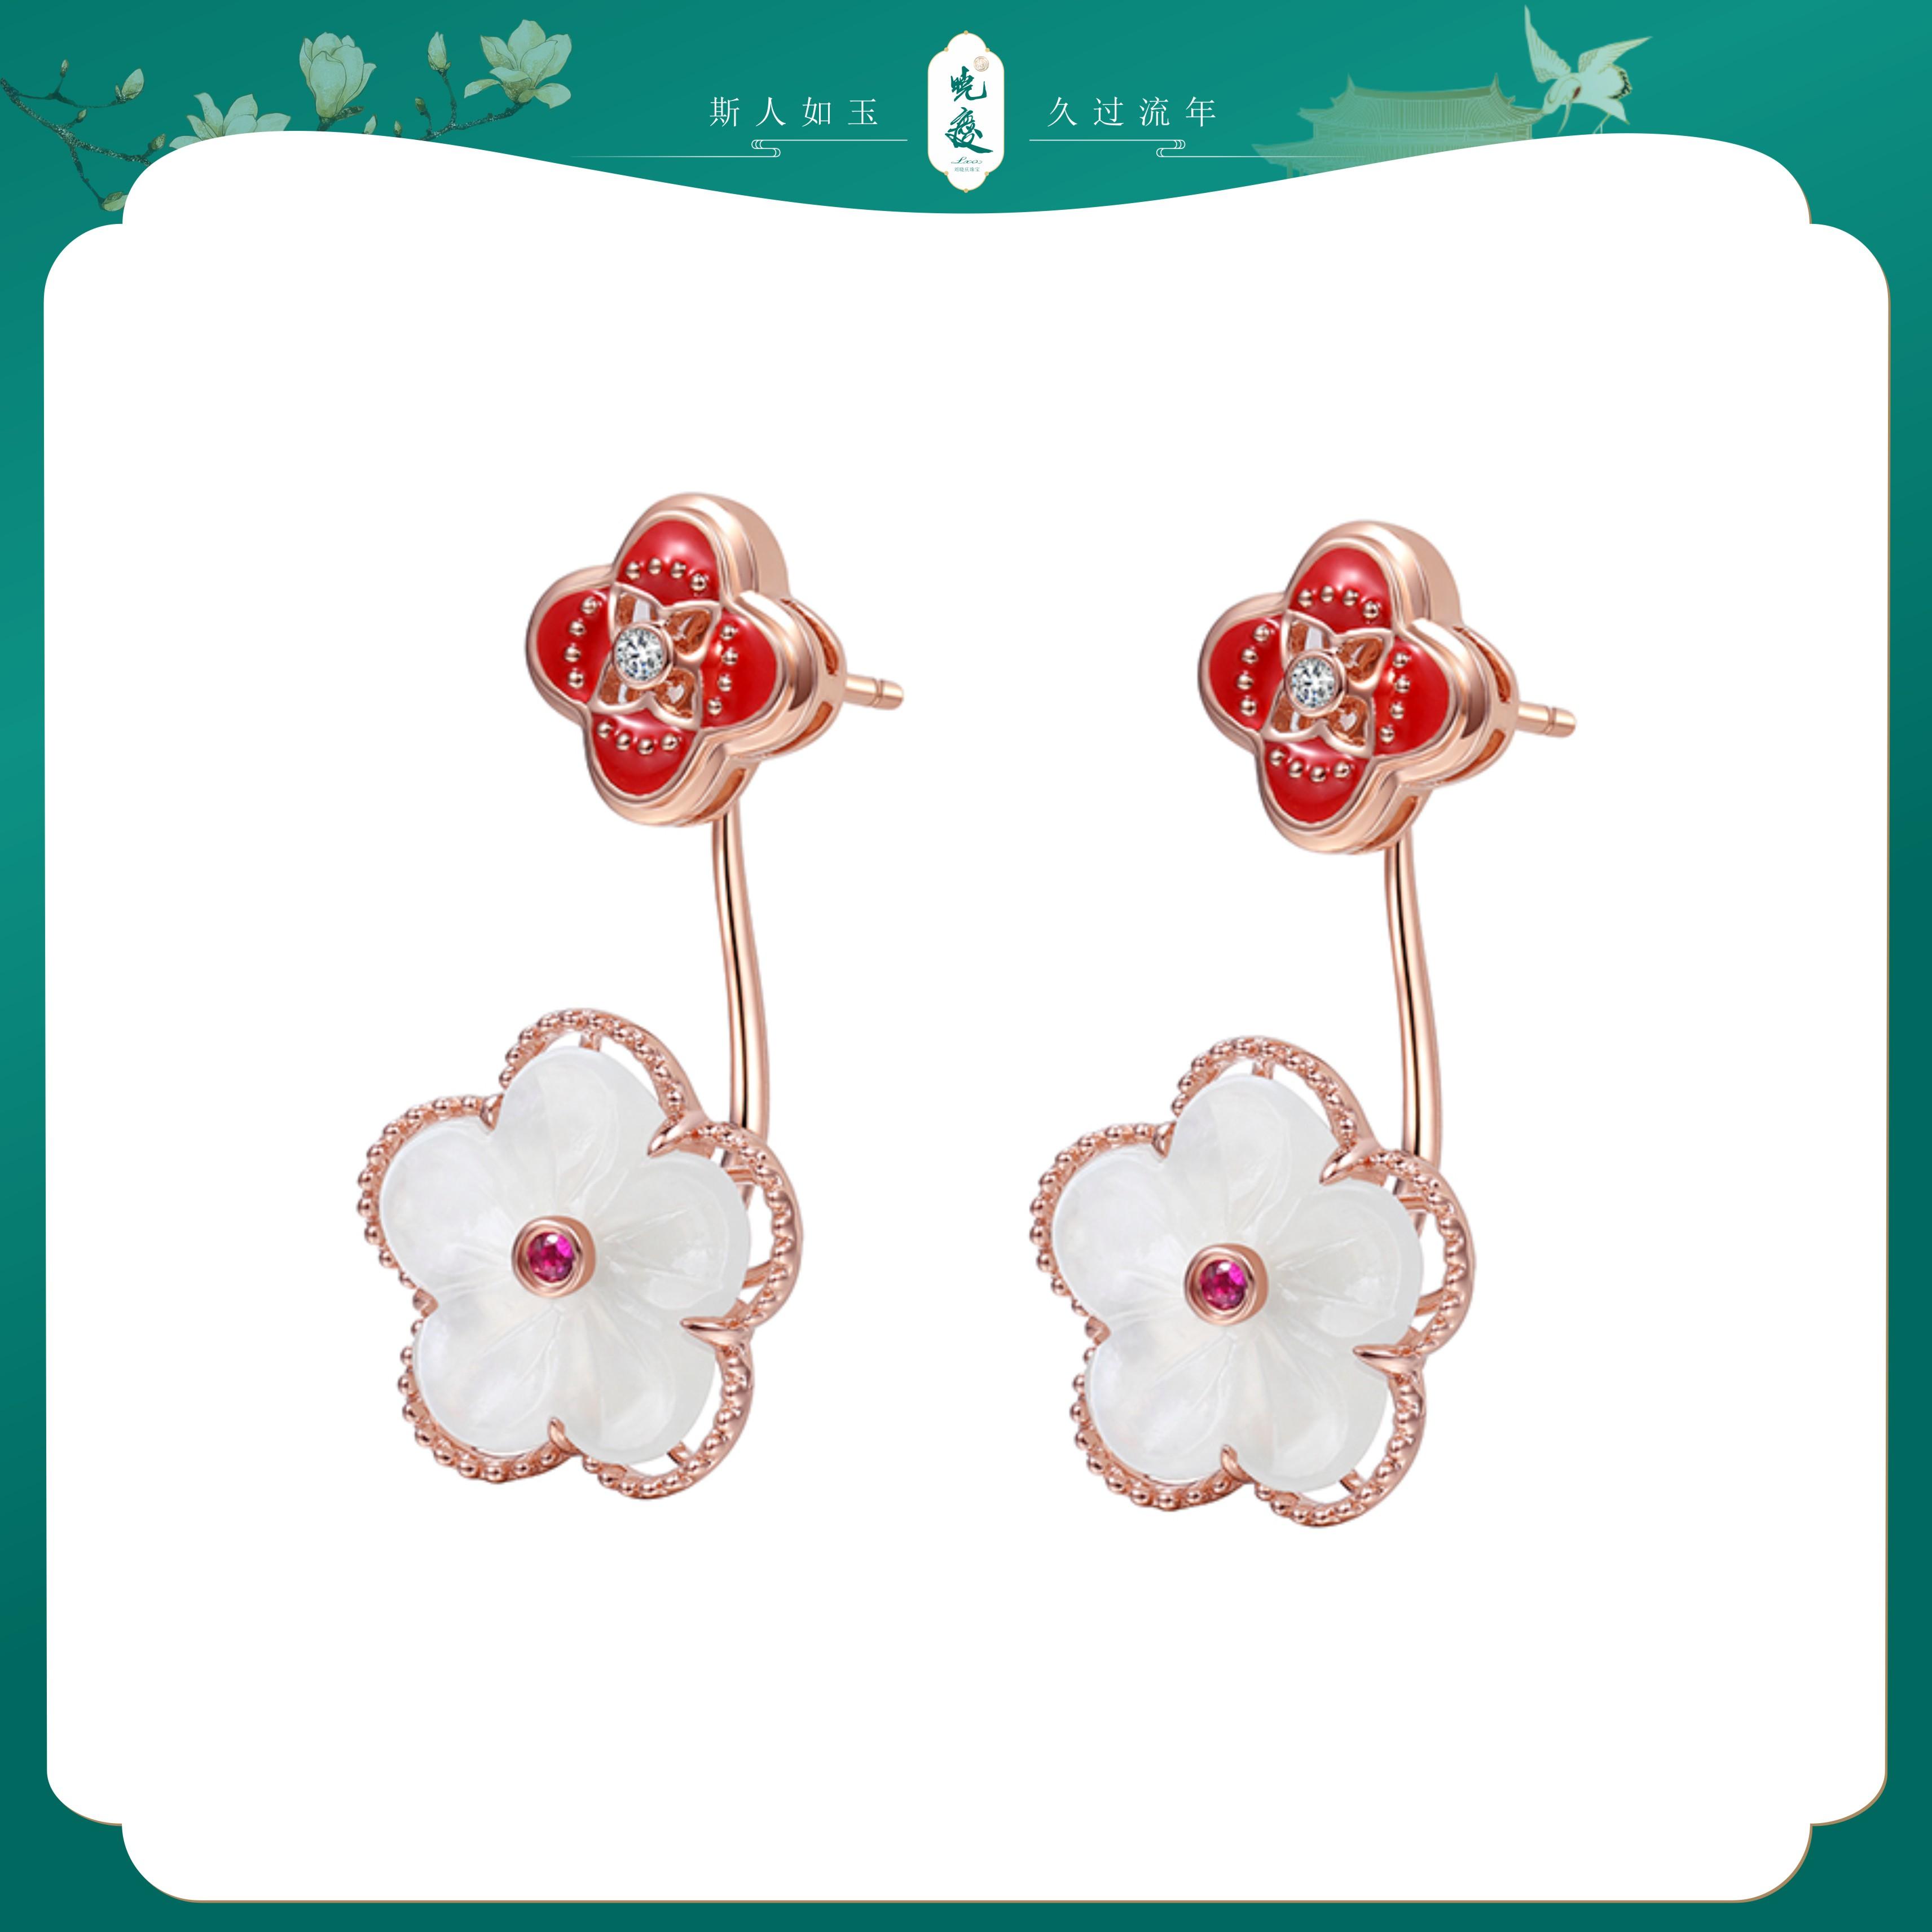 【花辰月夕】刘晓庆推荐钻石耳环女 气质个性18K玫瑰金耳钉